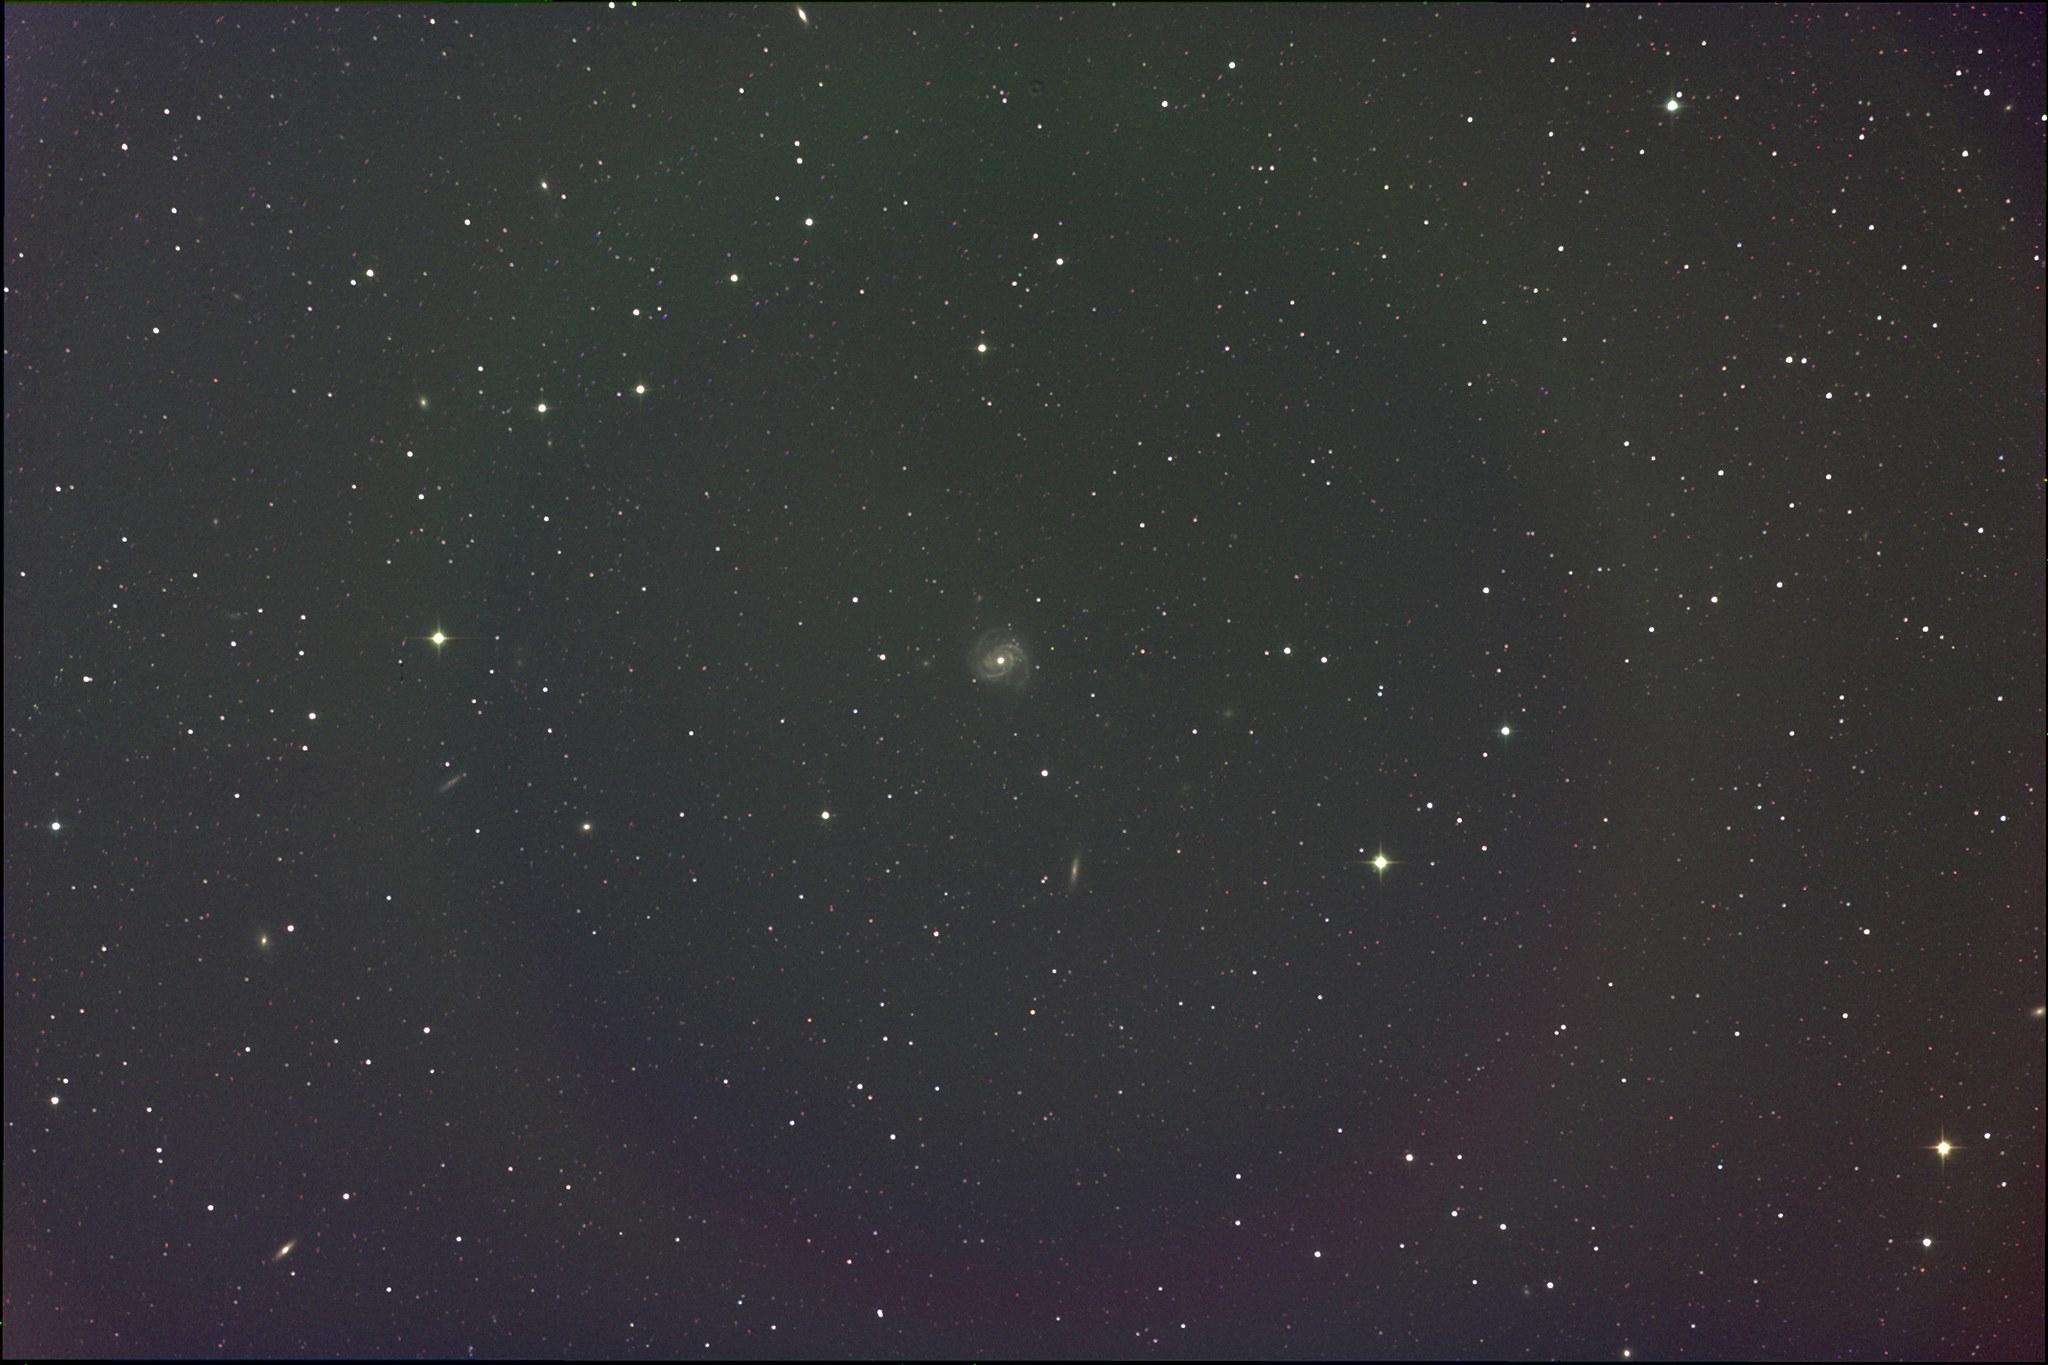 光害地での天体写真_c0061727_07303490.jpg